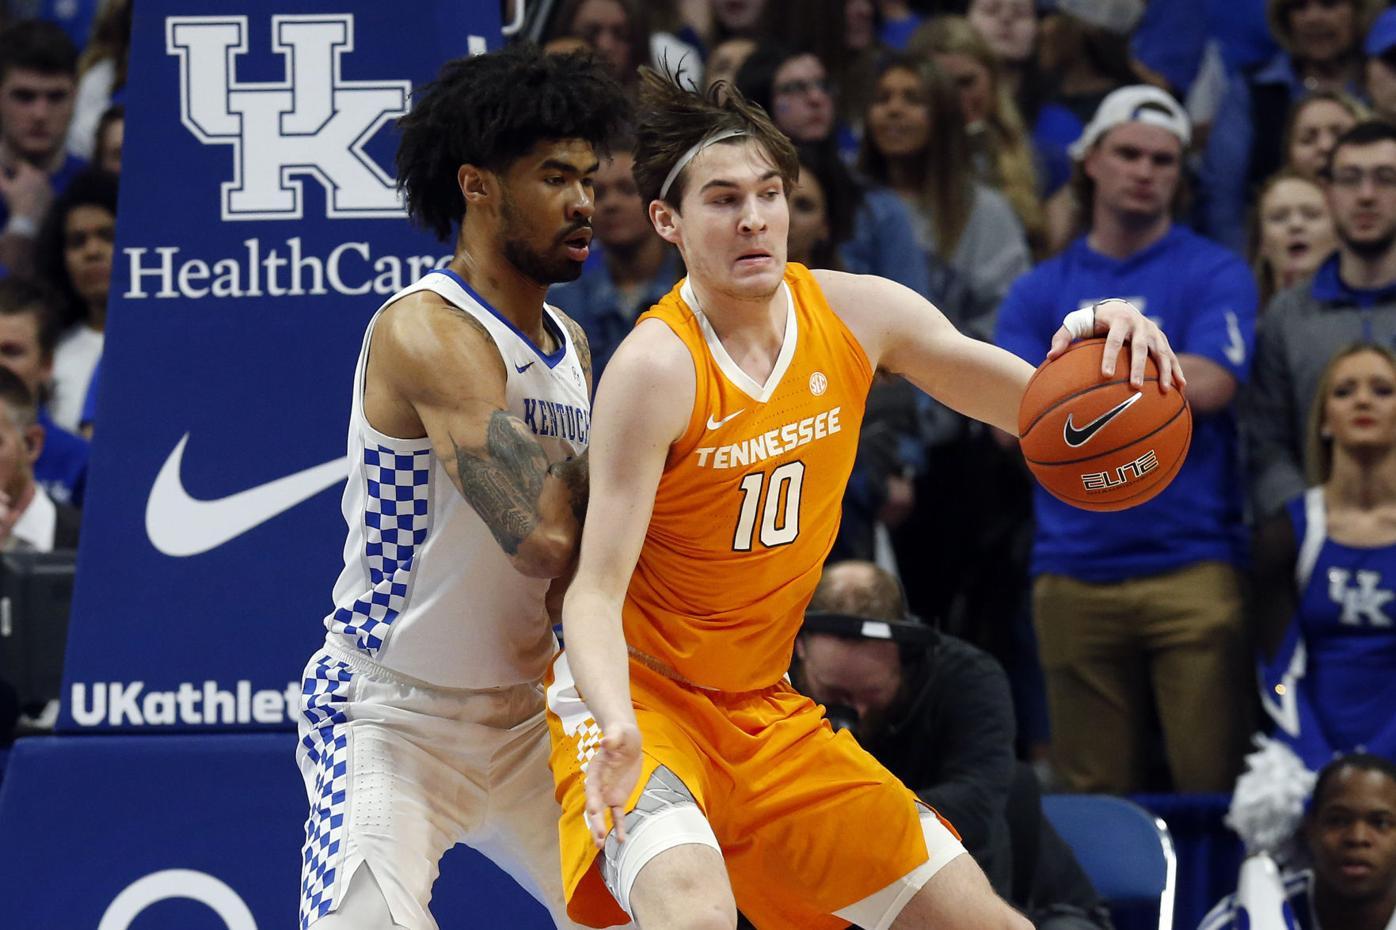 Tennessee Kentucky Basketball (copy)